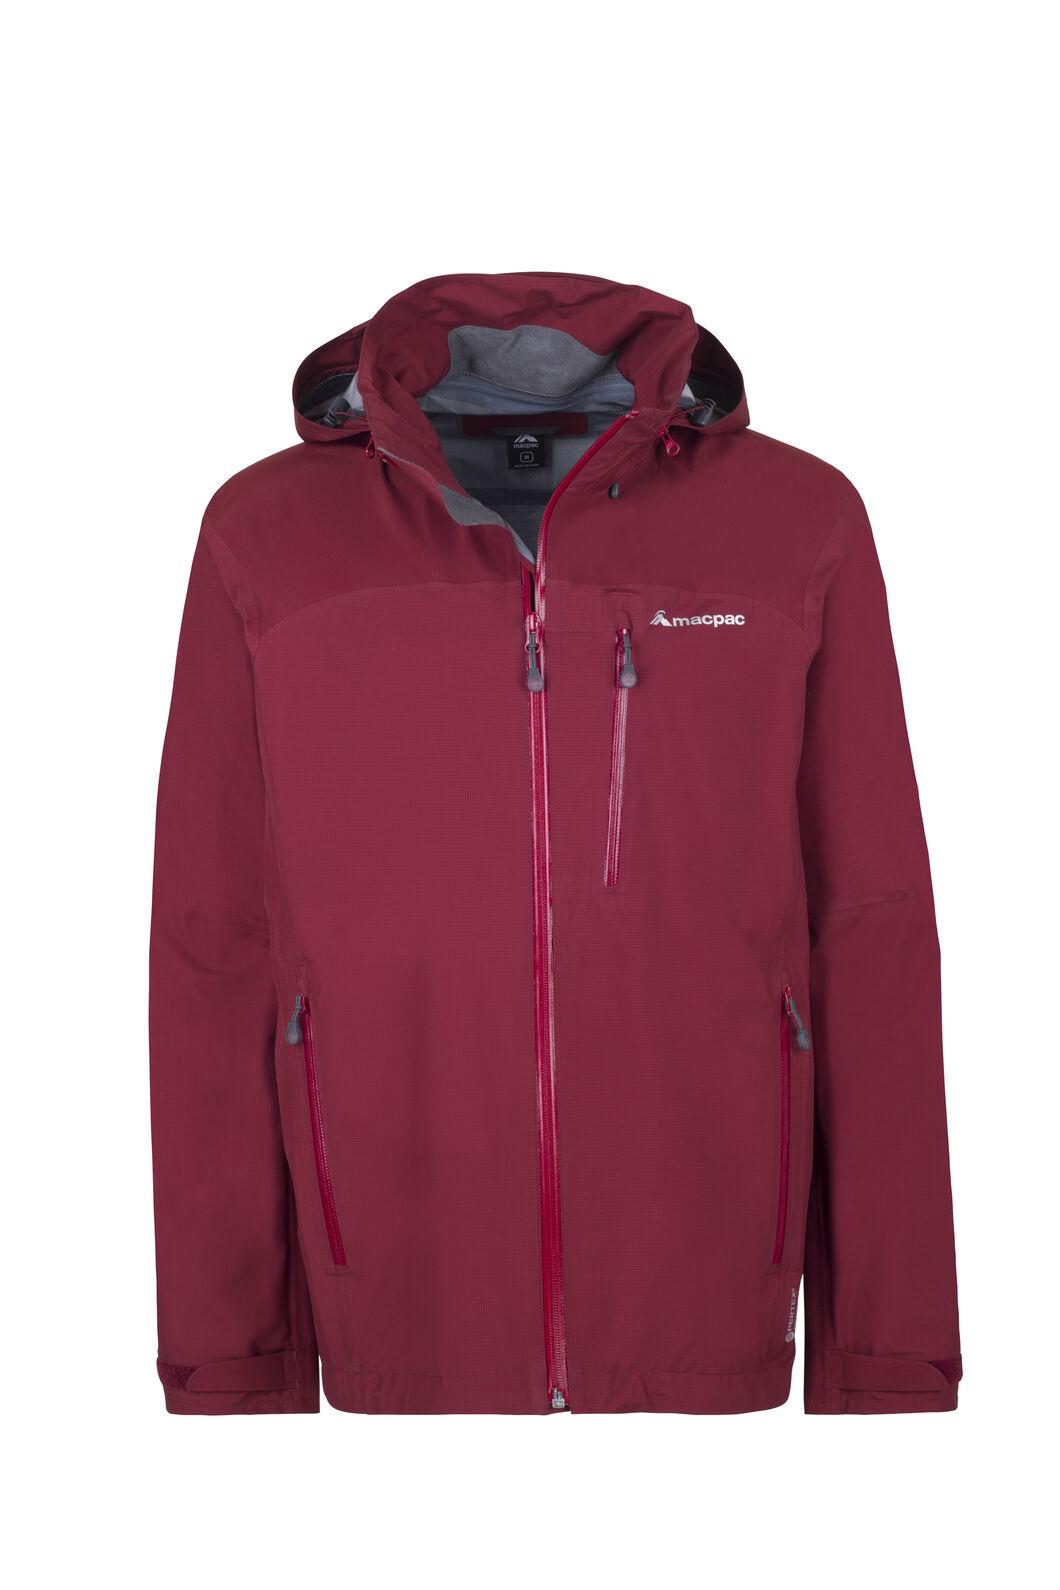 Macpac Traverse Pertex®Rain Jacket - Men's, Syrah, hi-res